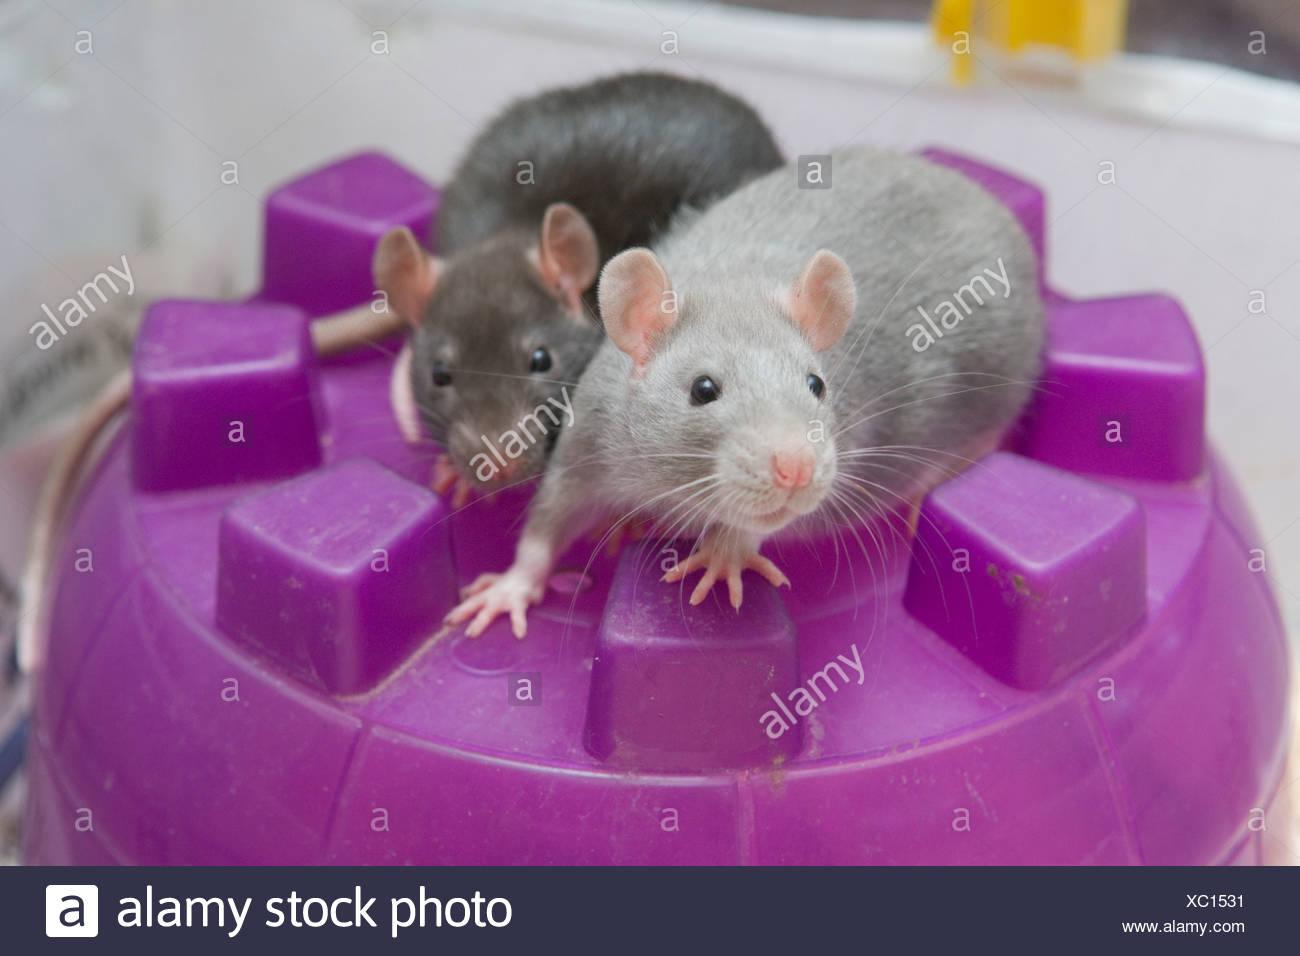 Zwei neugierige junge Haustier Ratten (Rattus Norvegicus) auf ihre Iglu House, Saskatchewan, Kanada Stockbild